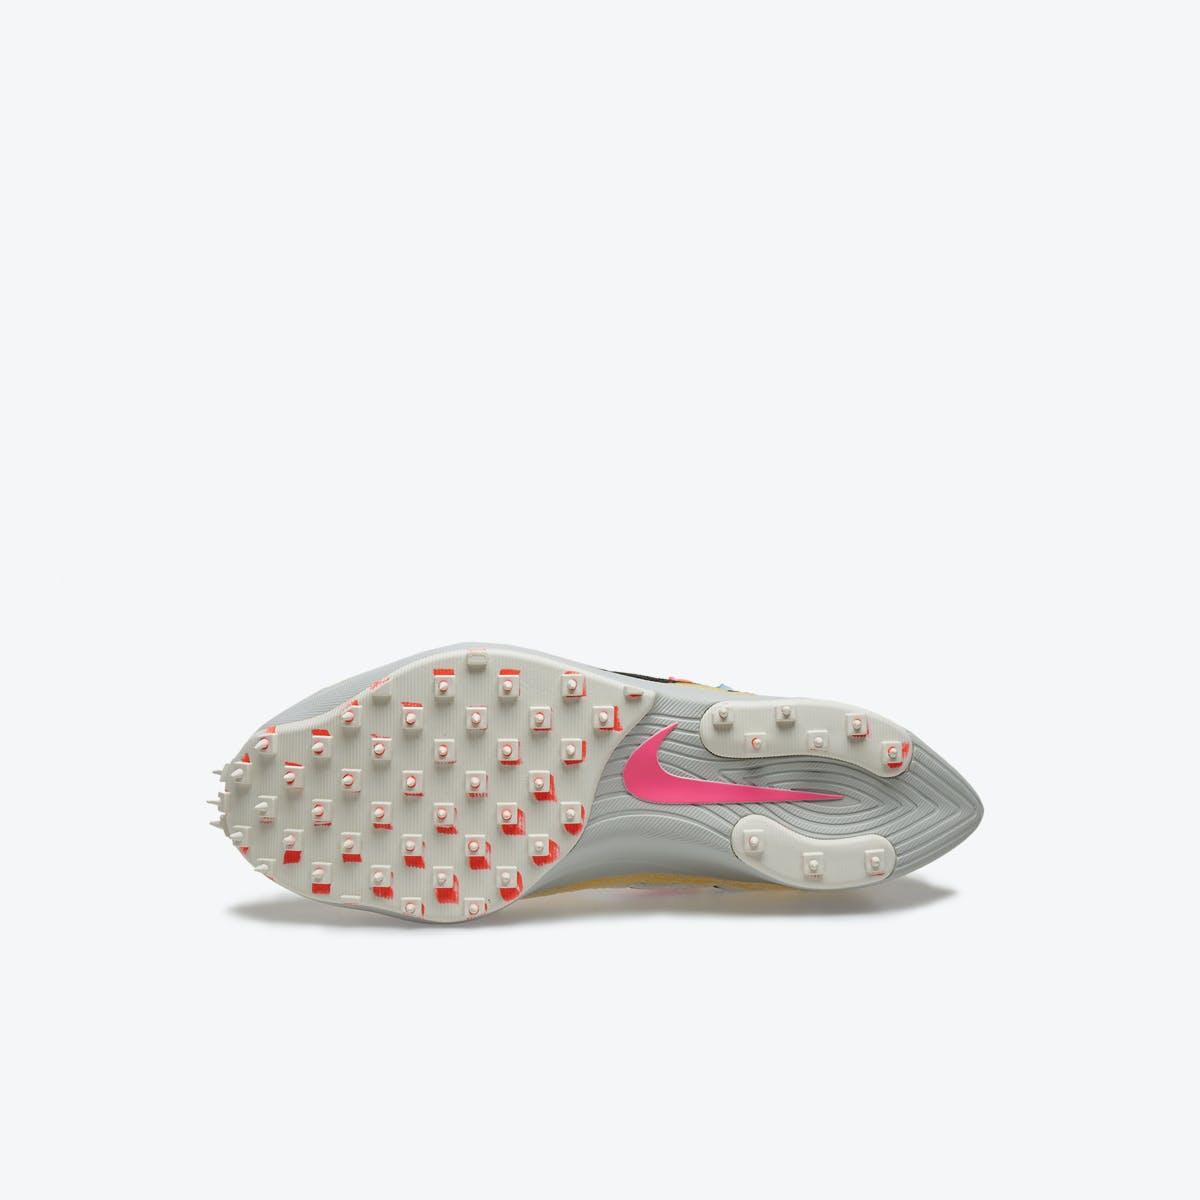 Nike x Off-White Vapor Street - CD8178-700